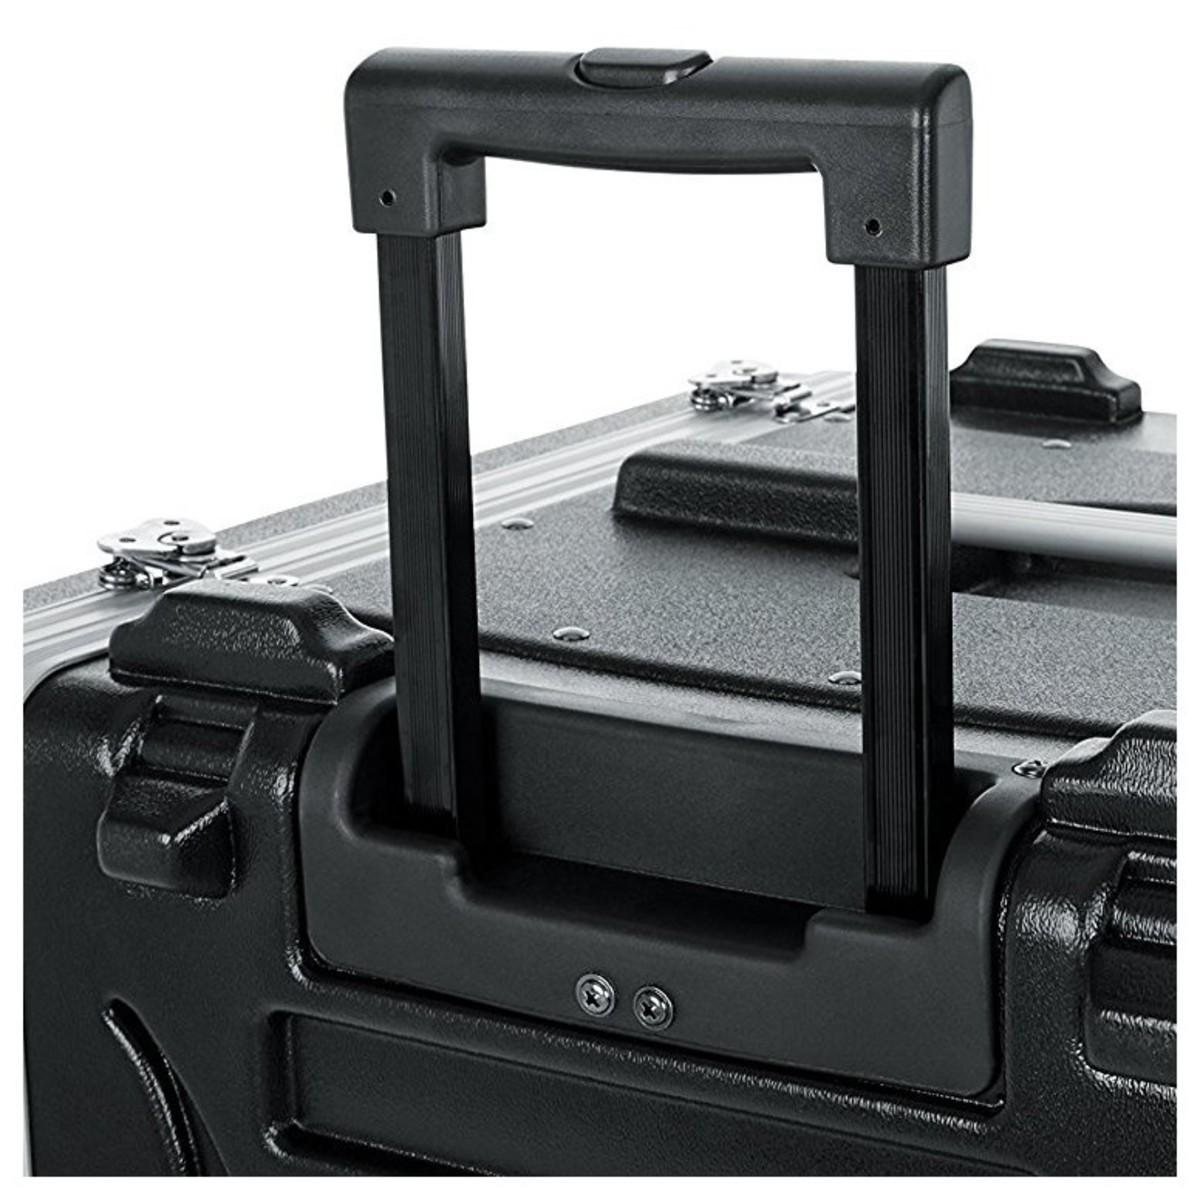 Gator Grr 6l Lockable Moulded Rolling Rack Case 6u At